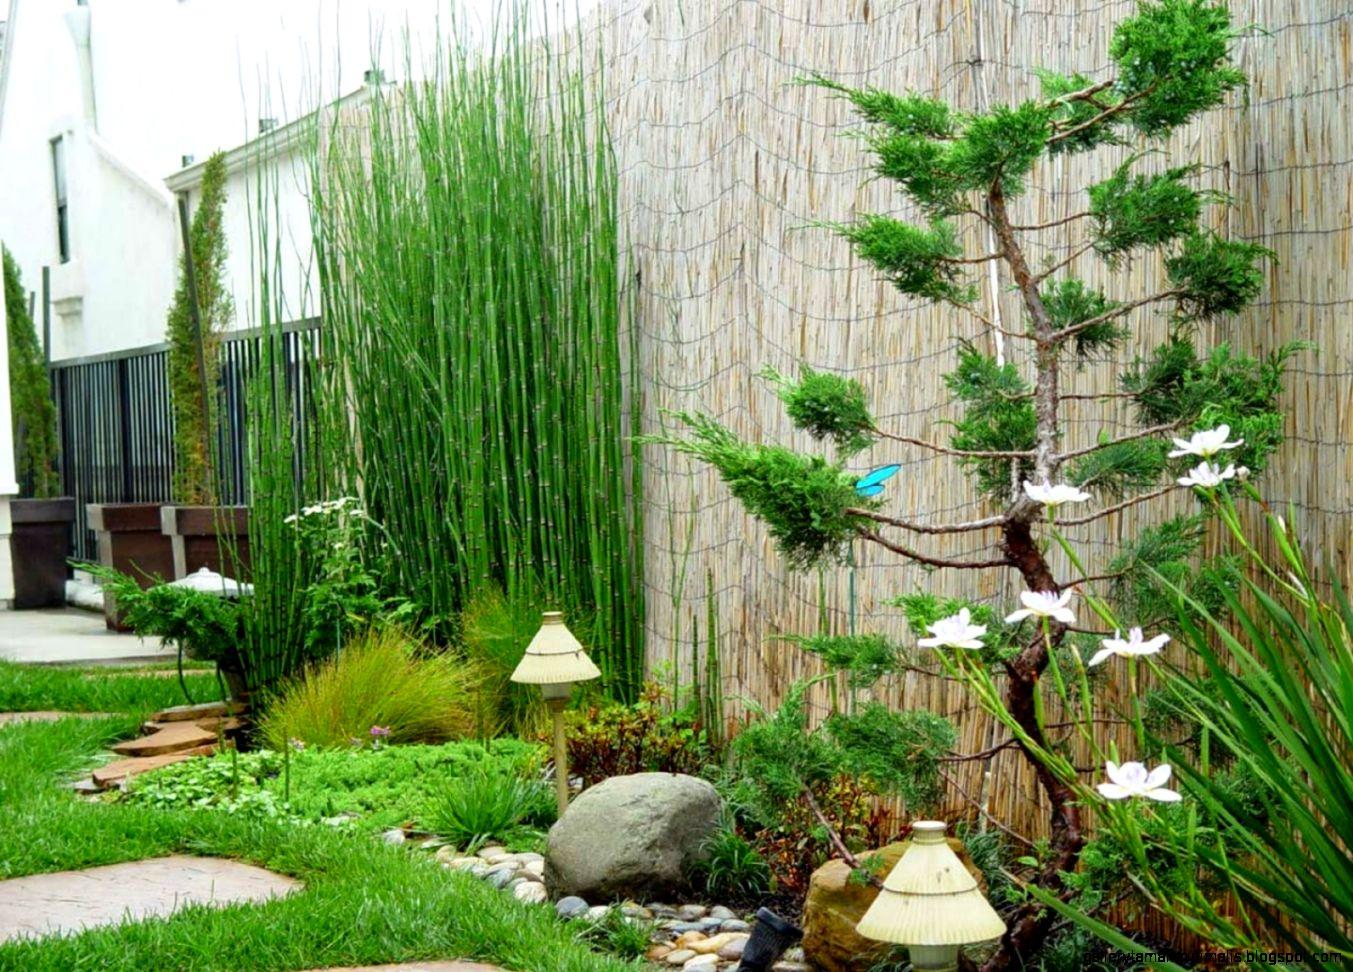 Декоративная трава и злаки для сада в ландшафтном дизайне: морозоустойчивые растения для клумбы  - 21 фото